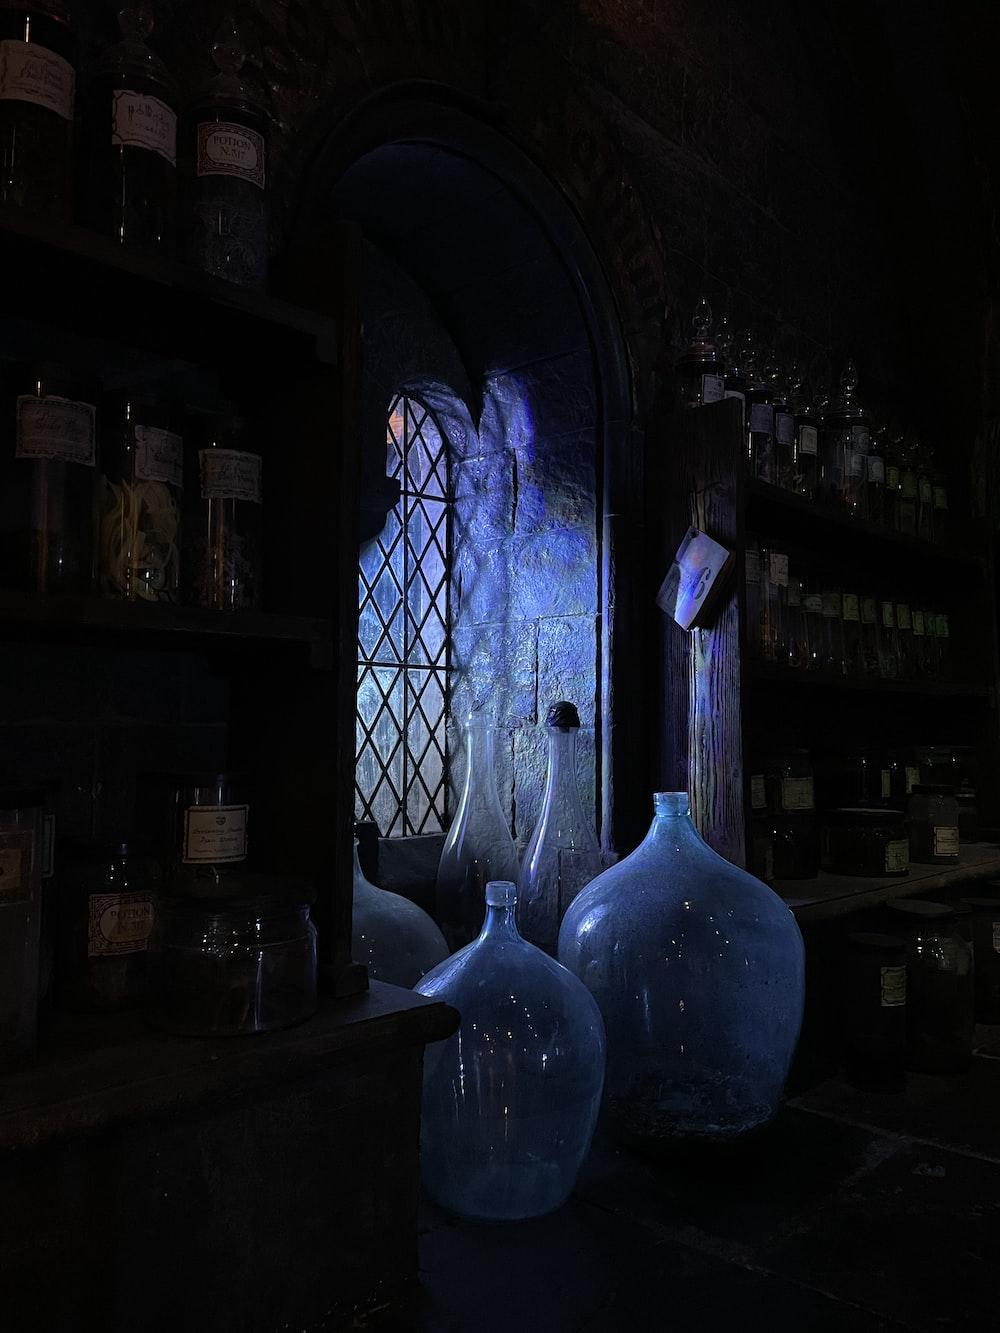 blue glass bottle on brown wooden shelf